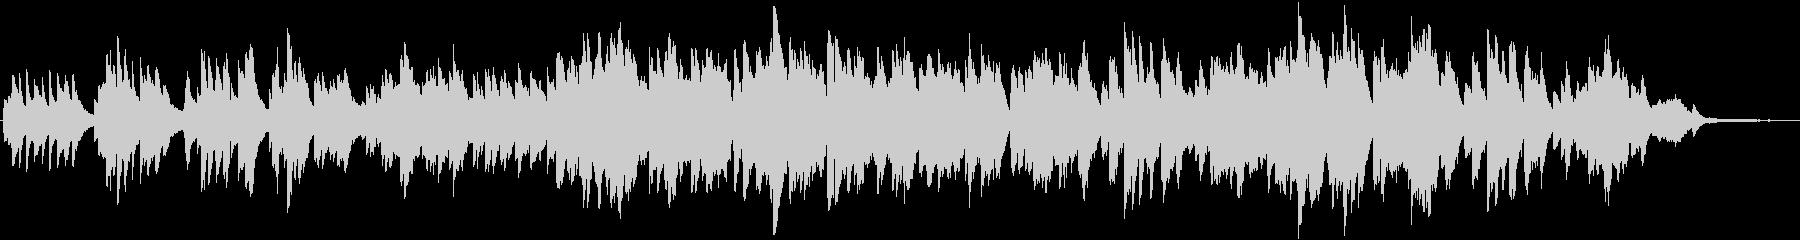 ピアノとケルトの笛の切ないバラードの未再生の波形